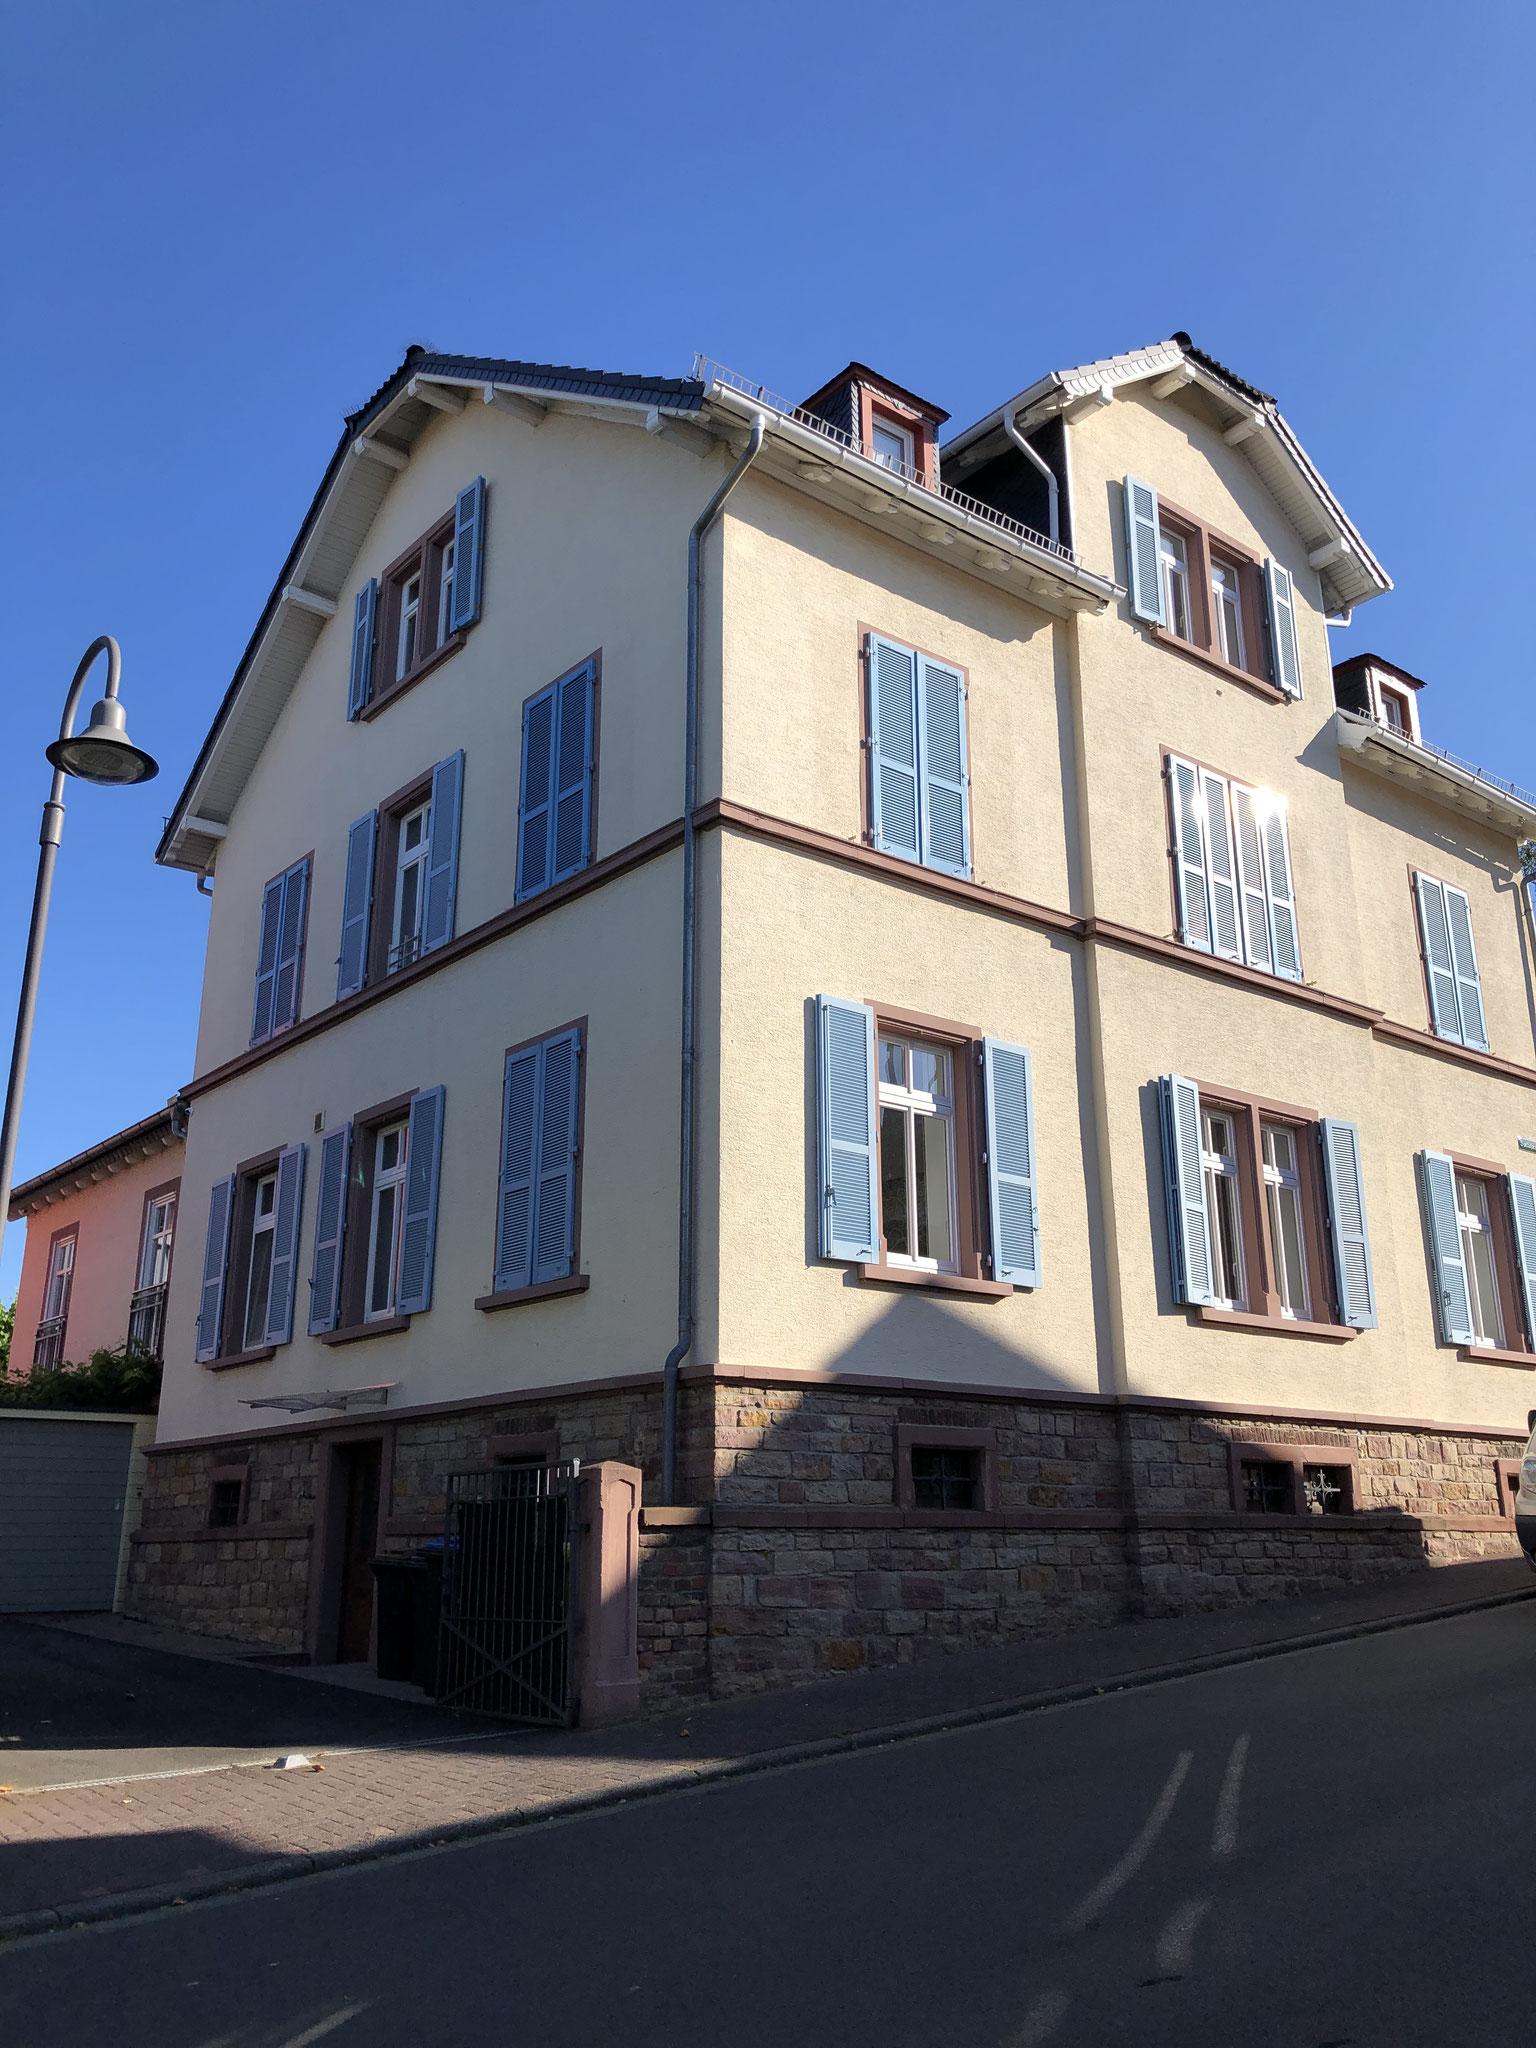 Mehrfamilienhaus in Rockenberg - 3 Wohneinheiten